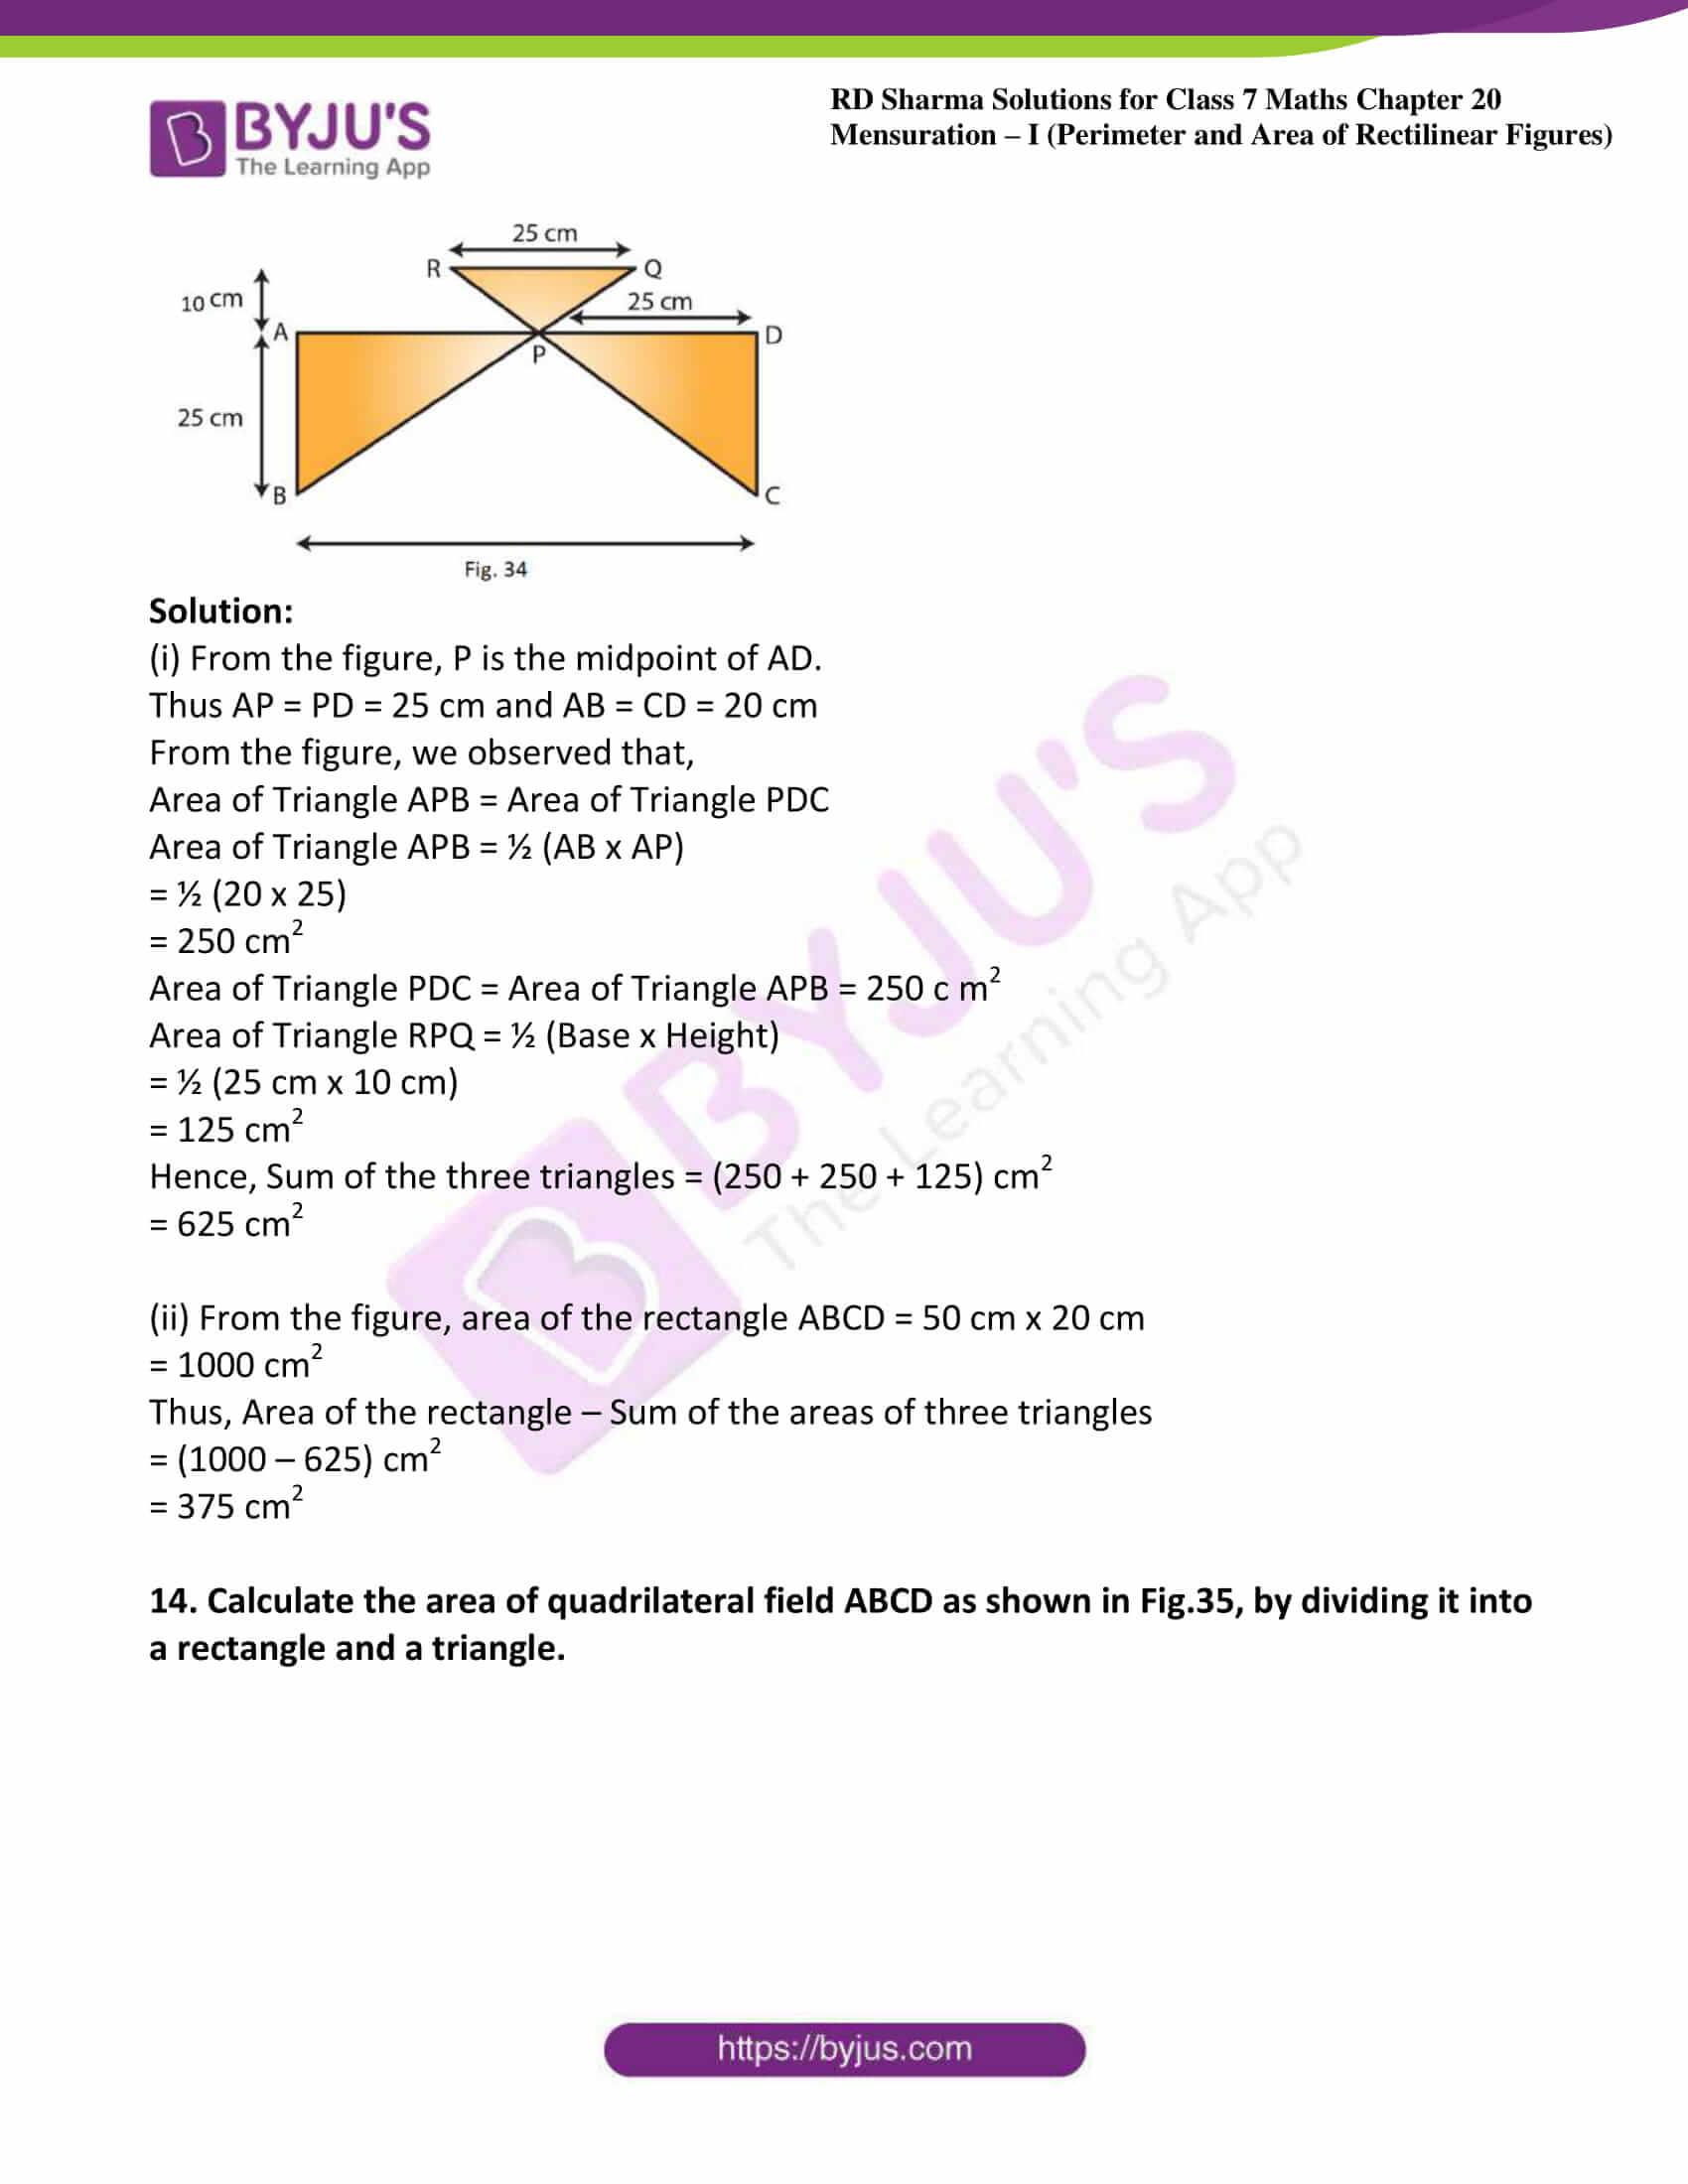 rd sharma maths class7 solution chapter 20 ex 4 08